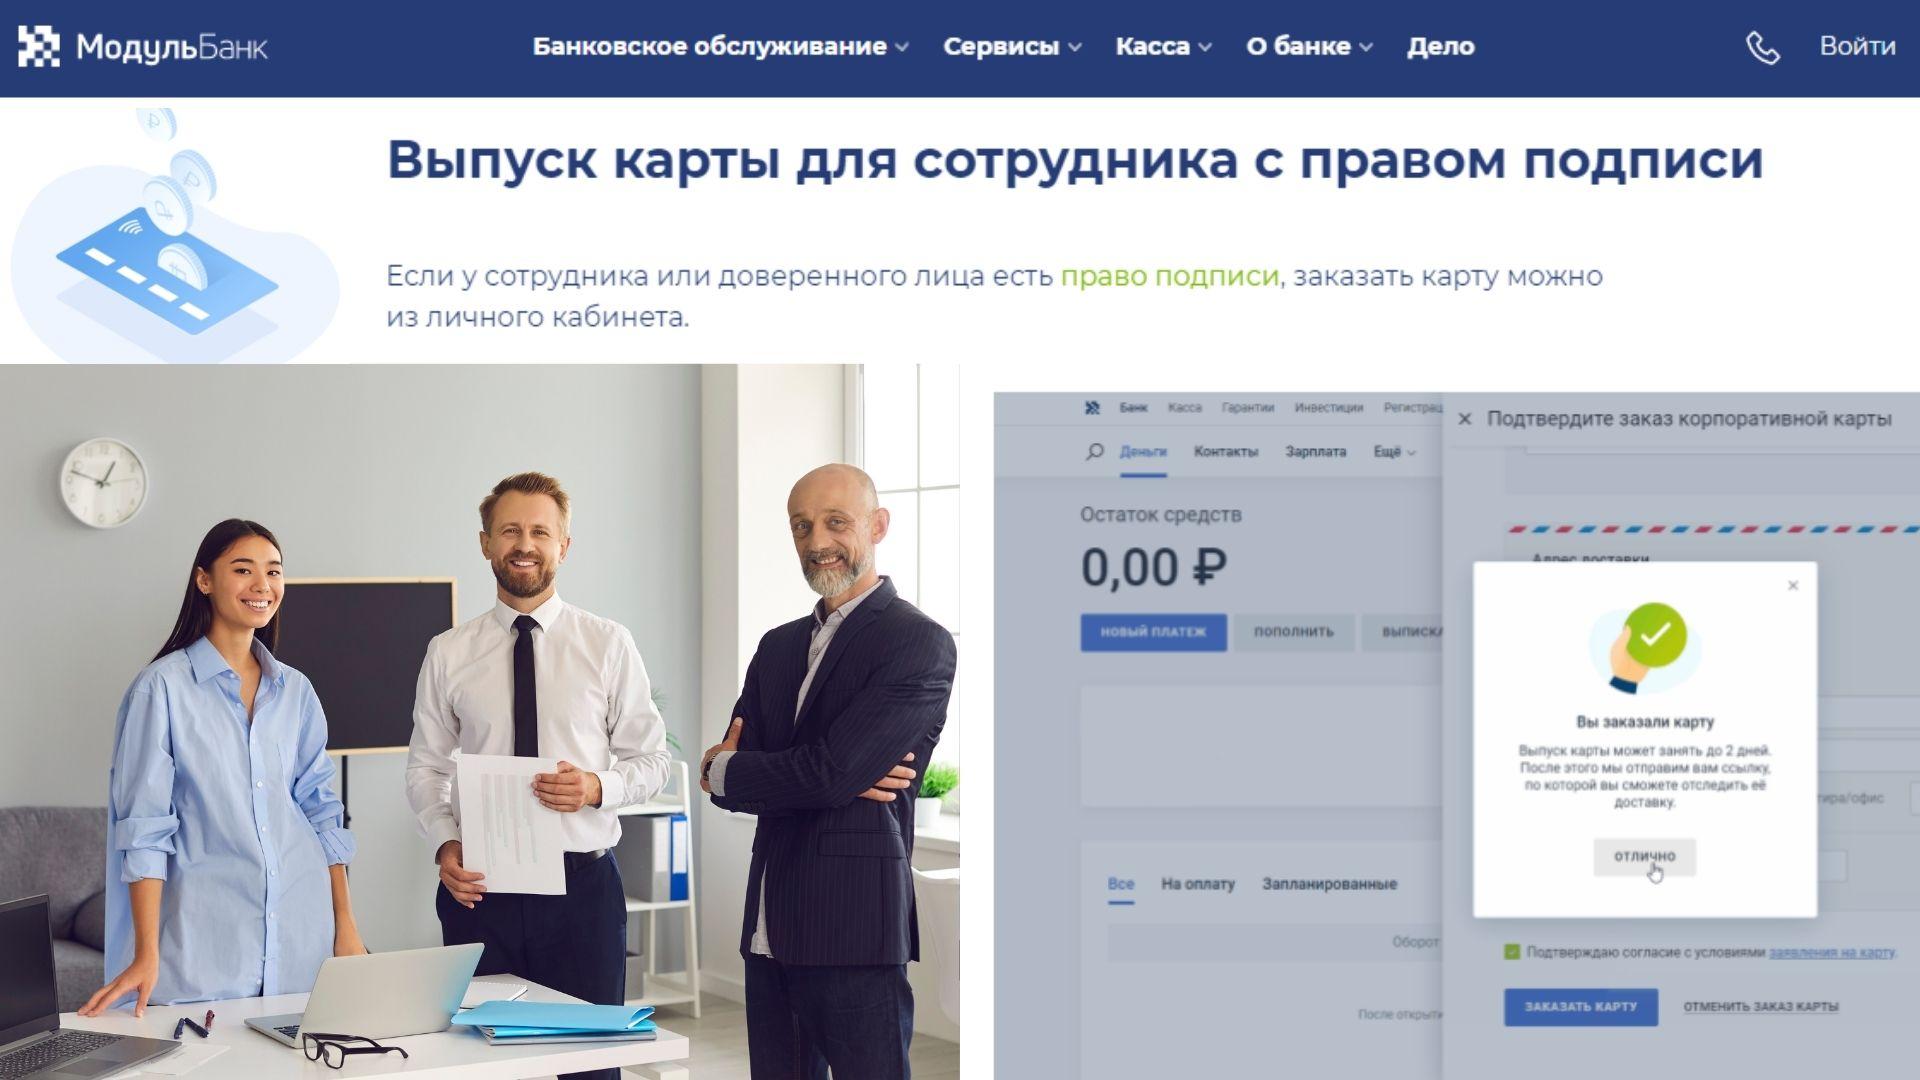 Открытие расчетного счёта в Модуль банке. Корпоративная карта для сотрудников